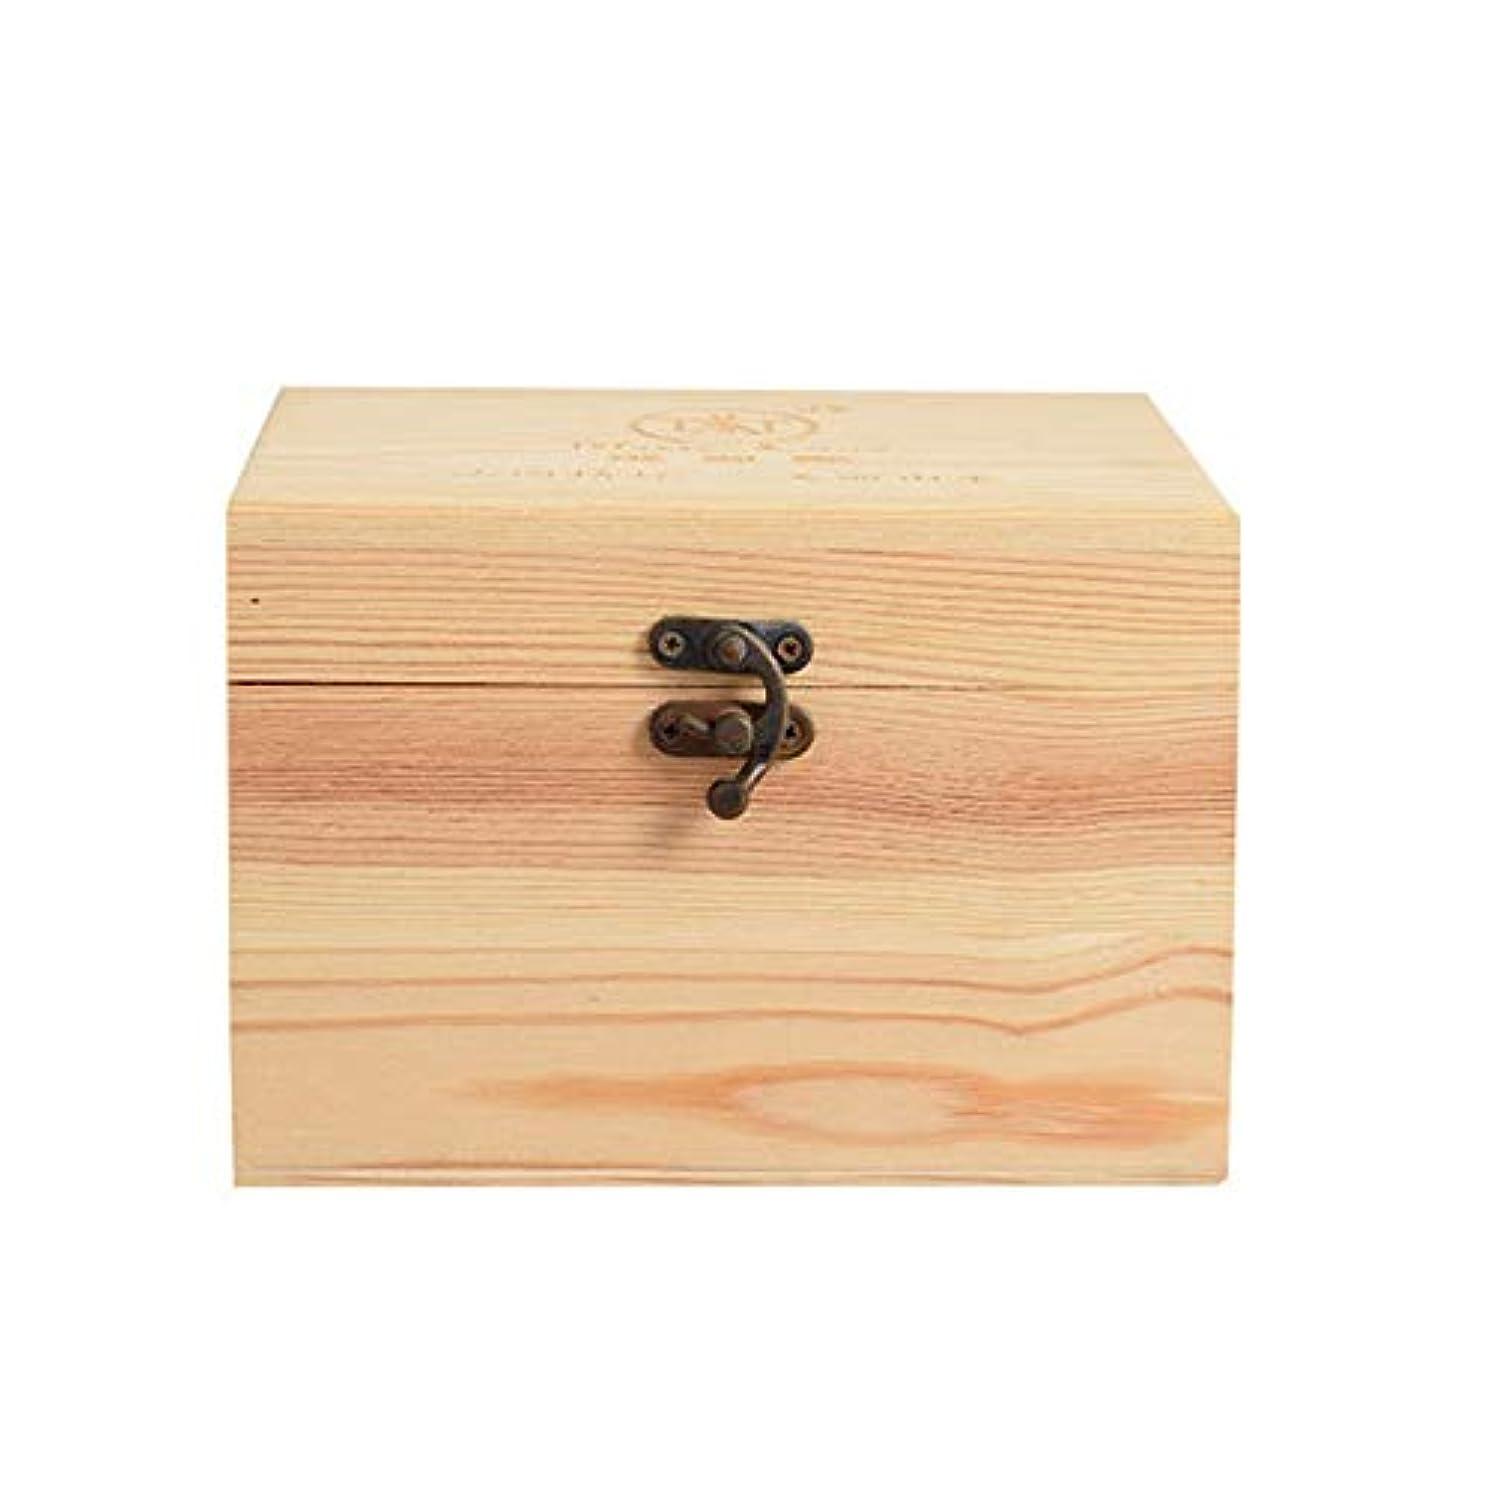 インペリアルカウント強調するエッセンシャルオイルボックス あなたのオイル太陽の損傷を保護するために、エッセンシャルオイルの9種類の完璧なエッセンシャルオイルの収納ボックス木製プレゼンテーションケース アロマセラピー収納ボックス (色 : Natural, サイズ : 16.5X11.5X15CM)